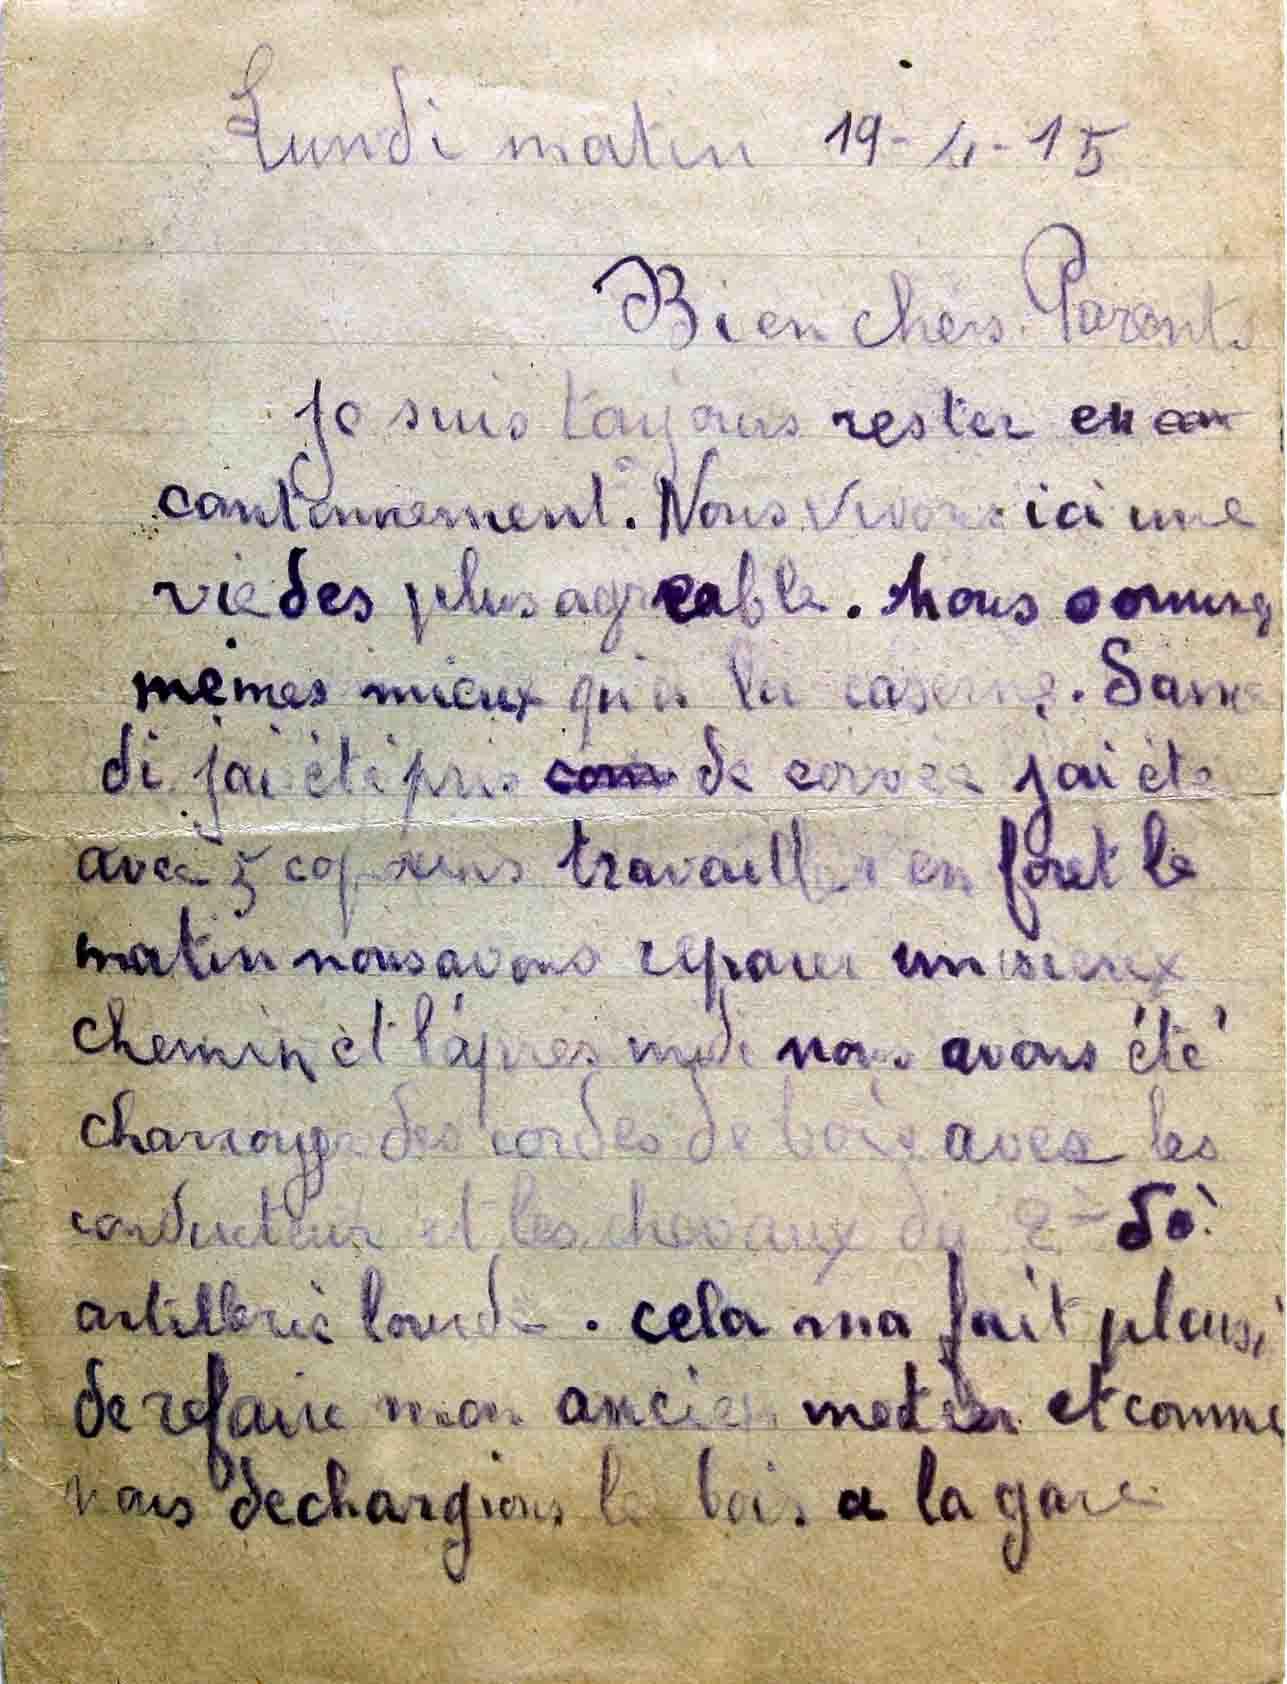 Extrêmement Lettre du front d'Agonne 19 avril 1915 RE98